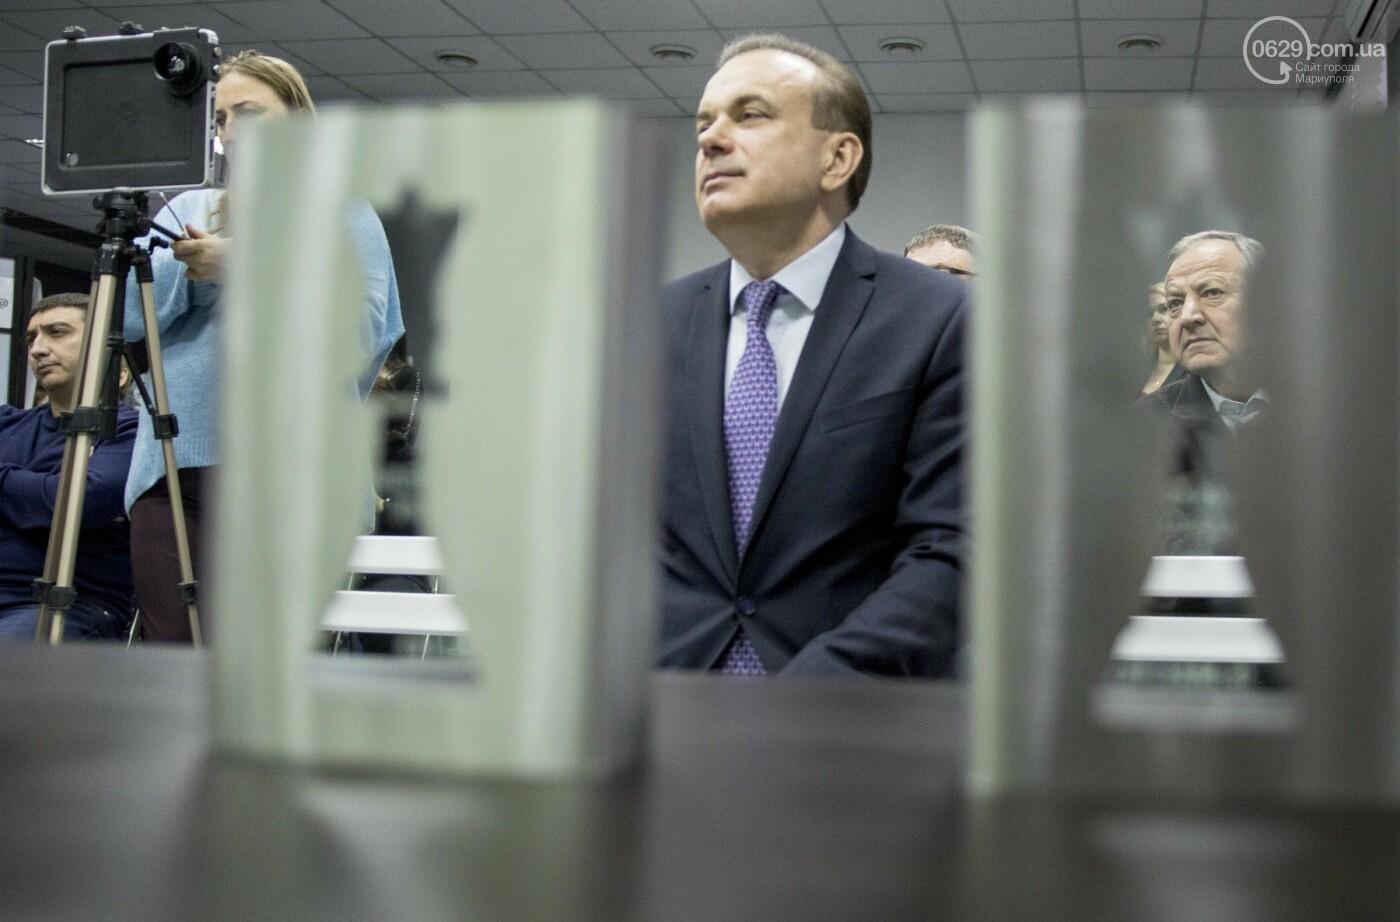 Мариупольский сайт 0629.com.ua презентовал ТОП самых влиятельных людей, - ВИДЕО, ФОТО, фото-2